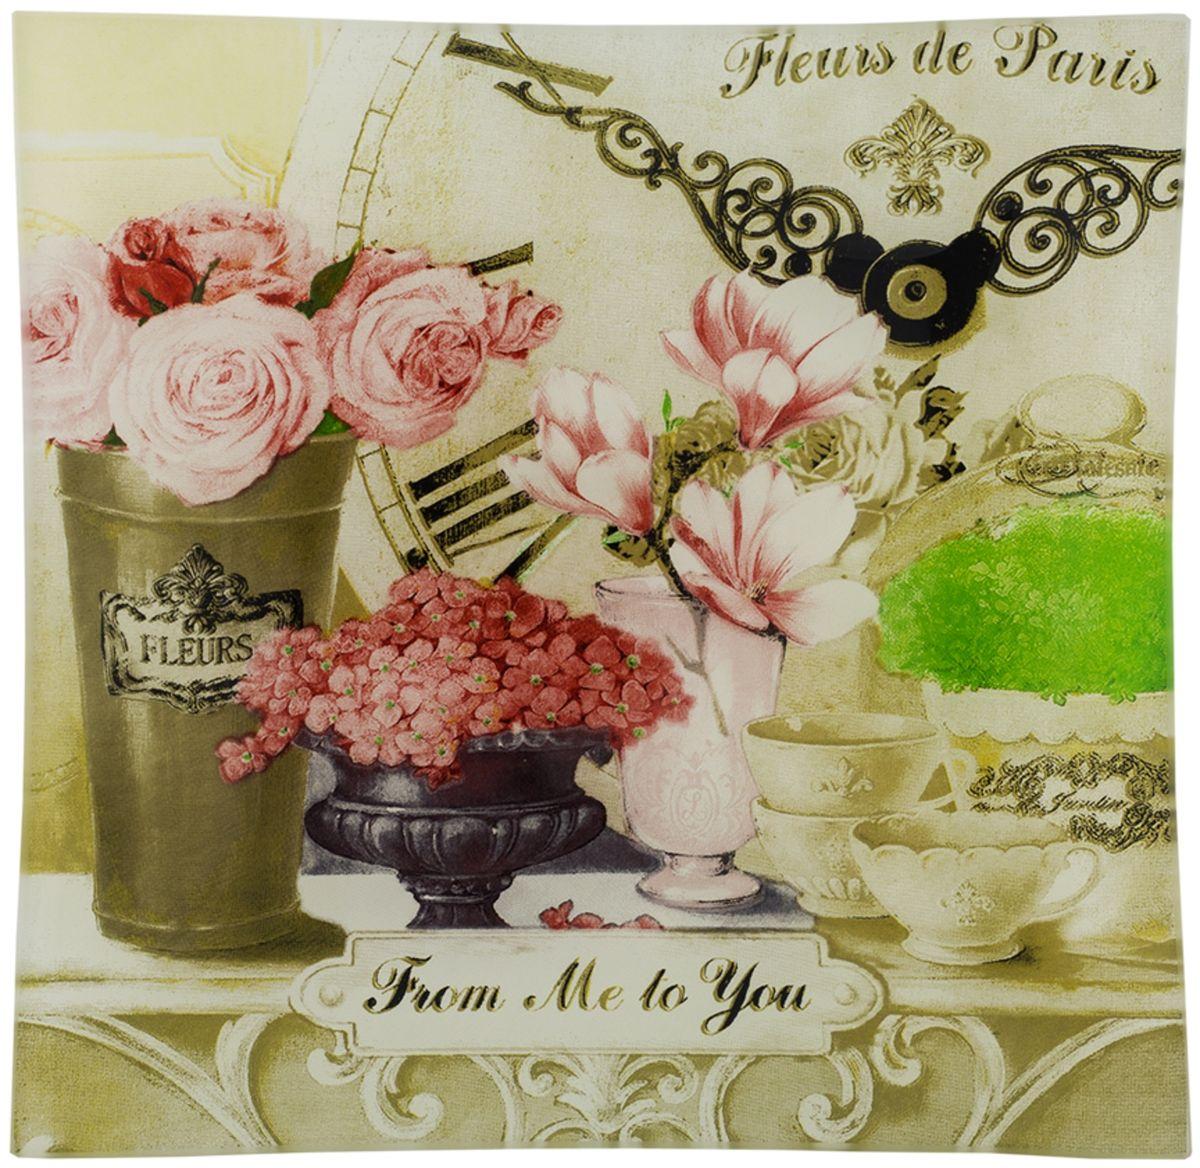 Пепельница GiftnHome Парижские цветы, диаметр 12 смAT-12 FleursДанный аксессуар, может служить, как блюдце для десертов и закусок, так и в качестве стильнойпепельницы. Изделие изготовлено из термостойкого закаленного стекла. Изделие имеетпозолоту в декоре, что исключает использование в микроволновой печи.